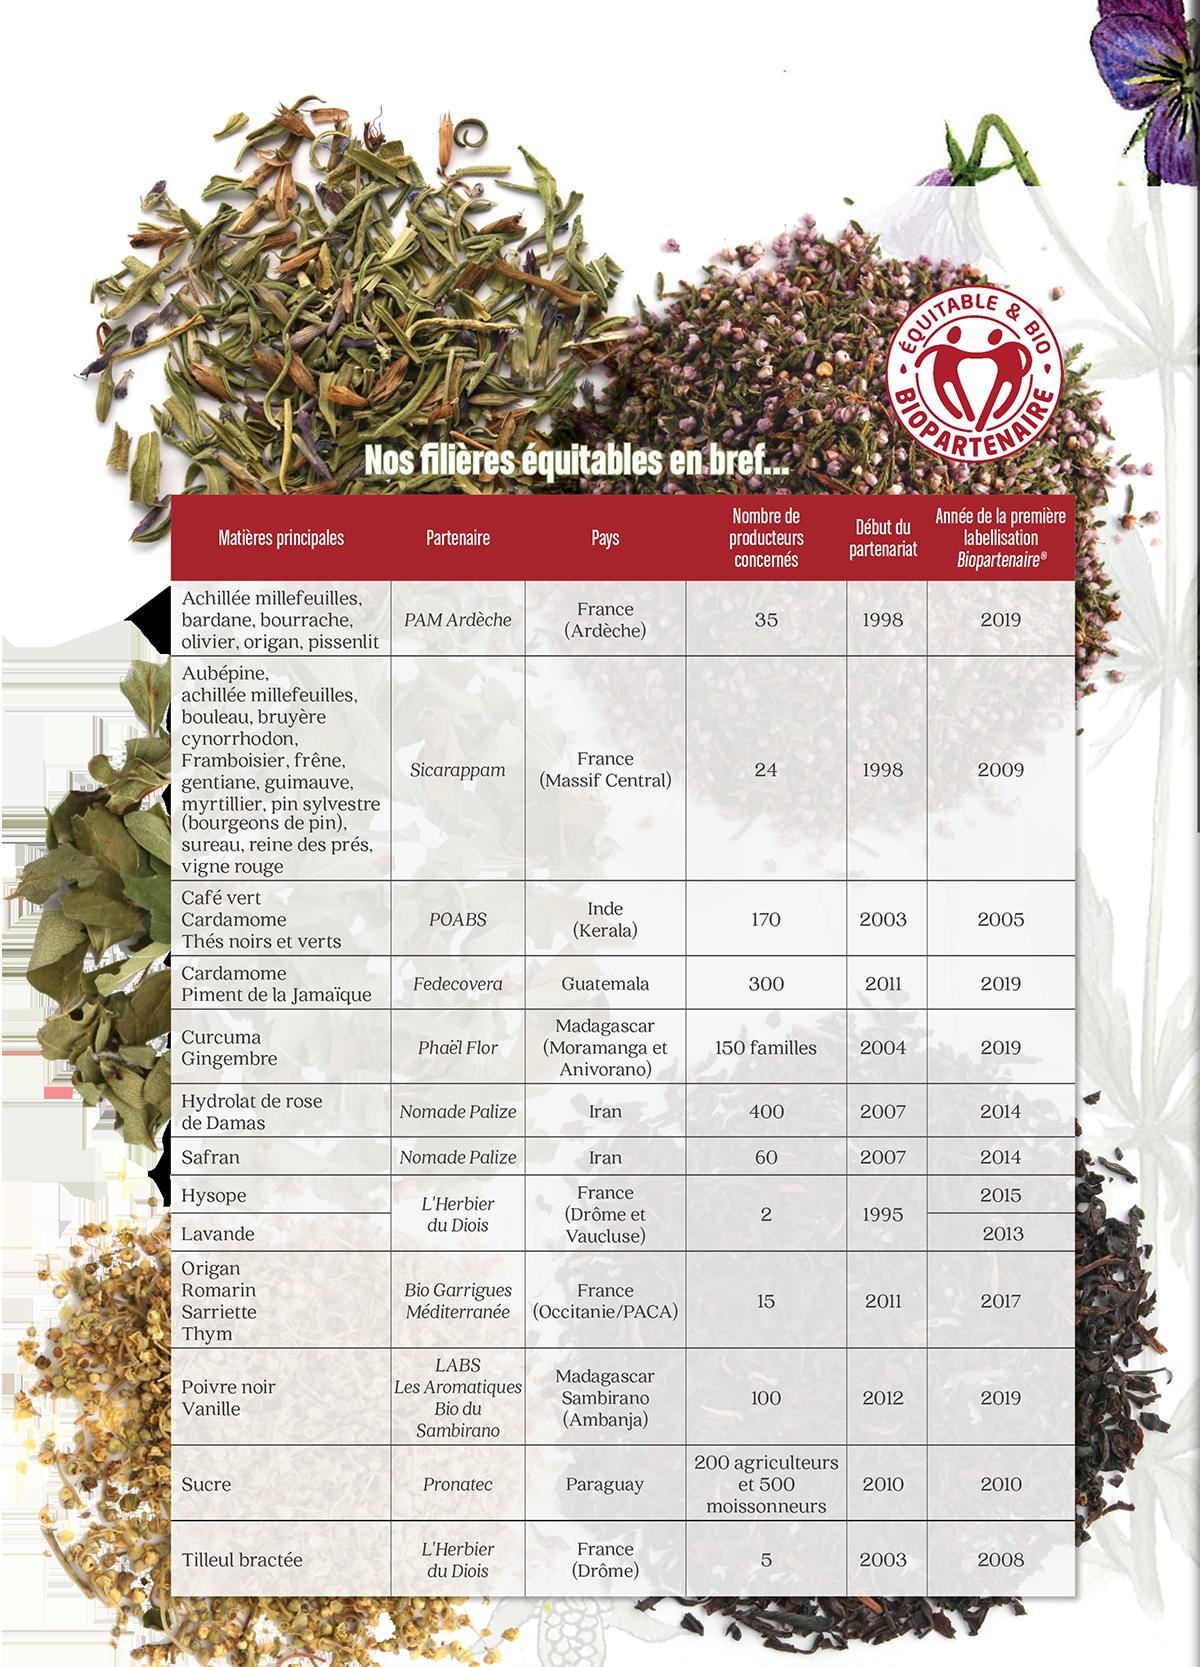 Tableau Filières Biopartenaire Bio et Commerce équitable